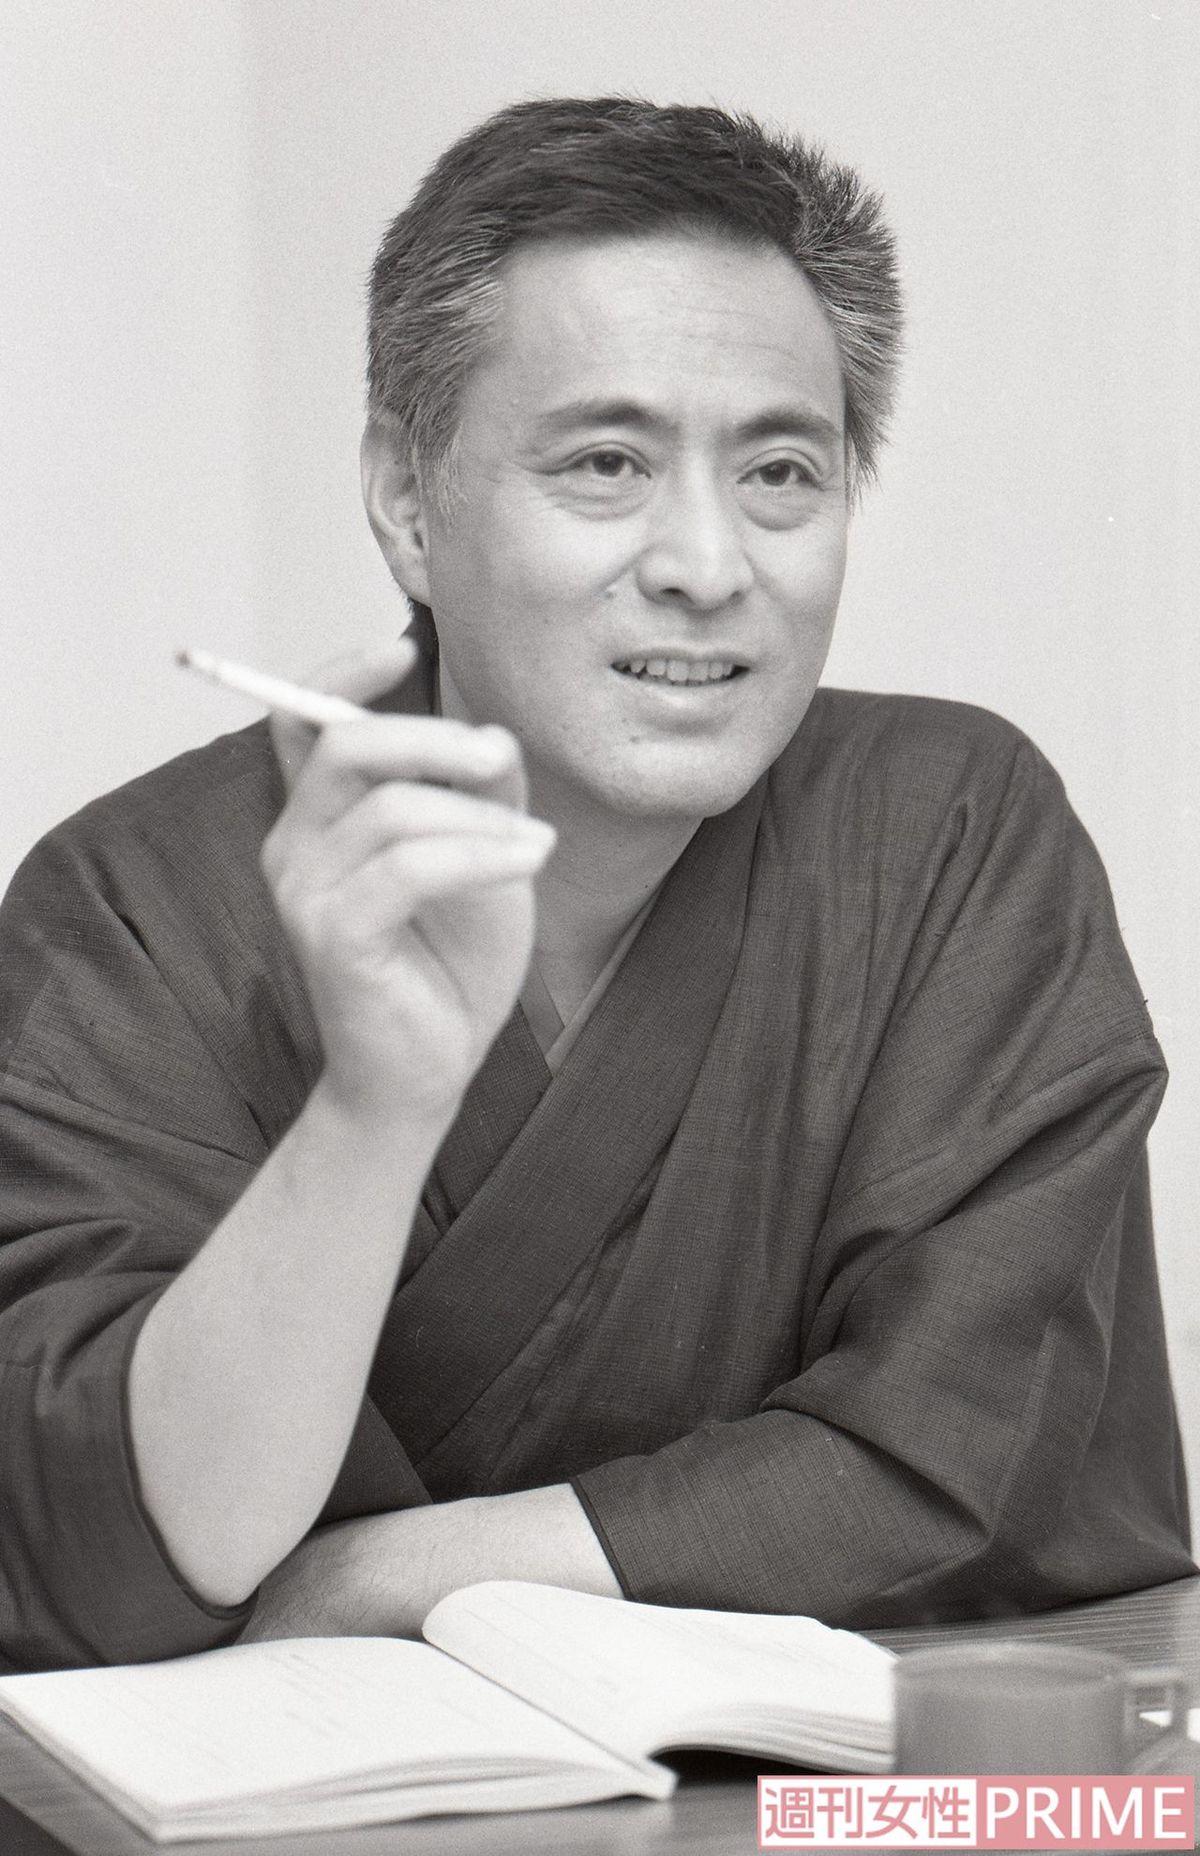 津川雅彦の画像 p1_4